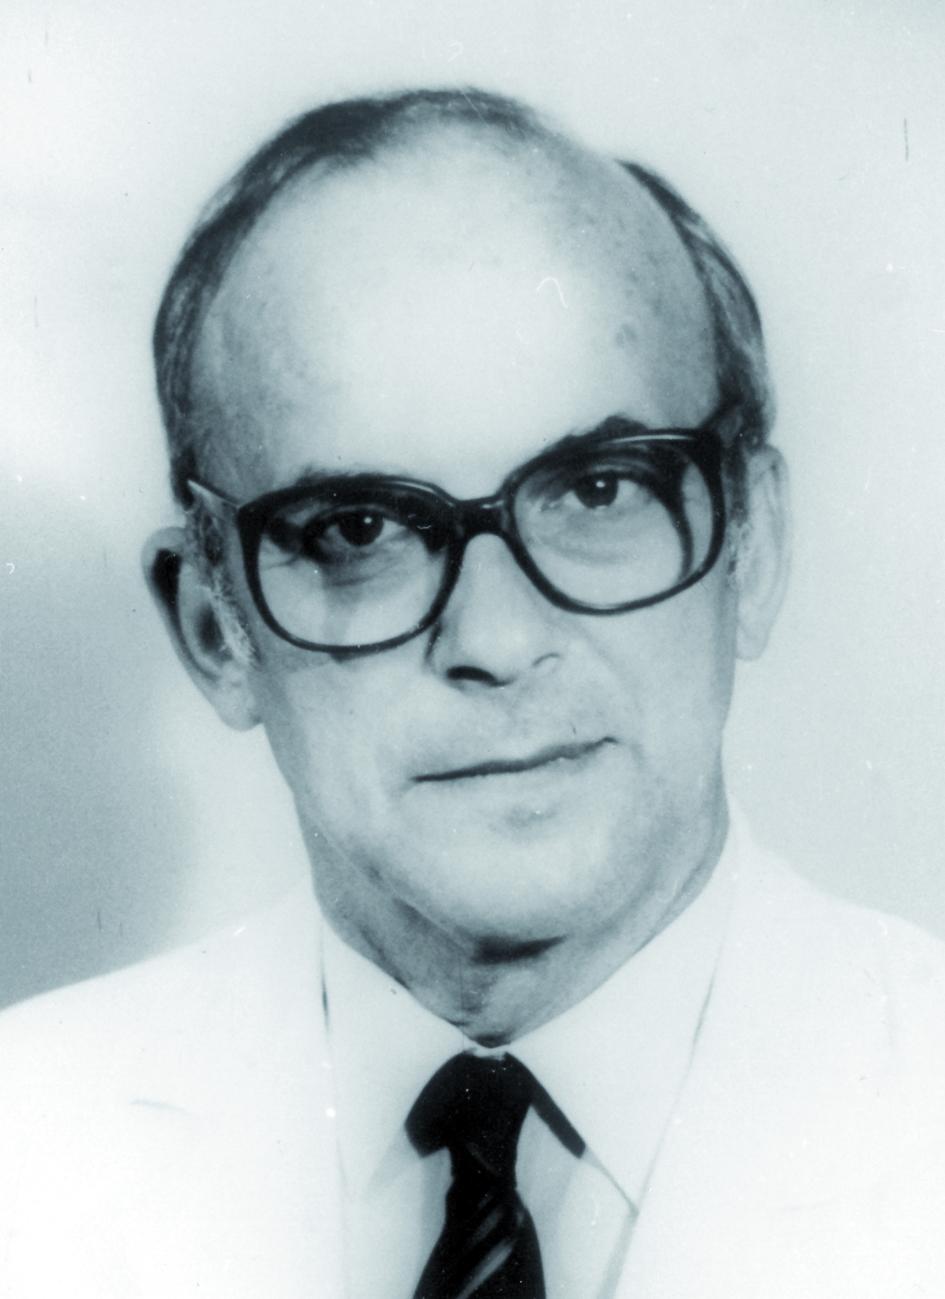 Portraitfoto von Herrn André Wambersie.